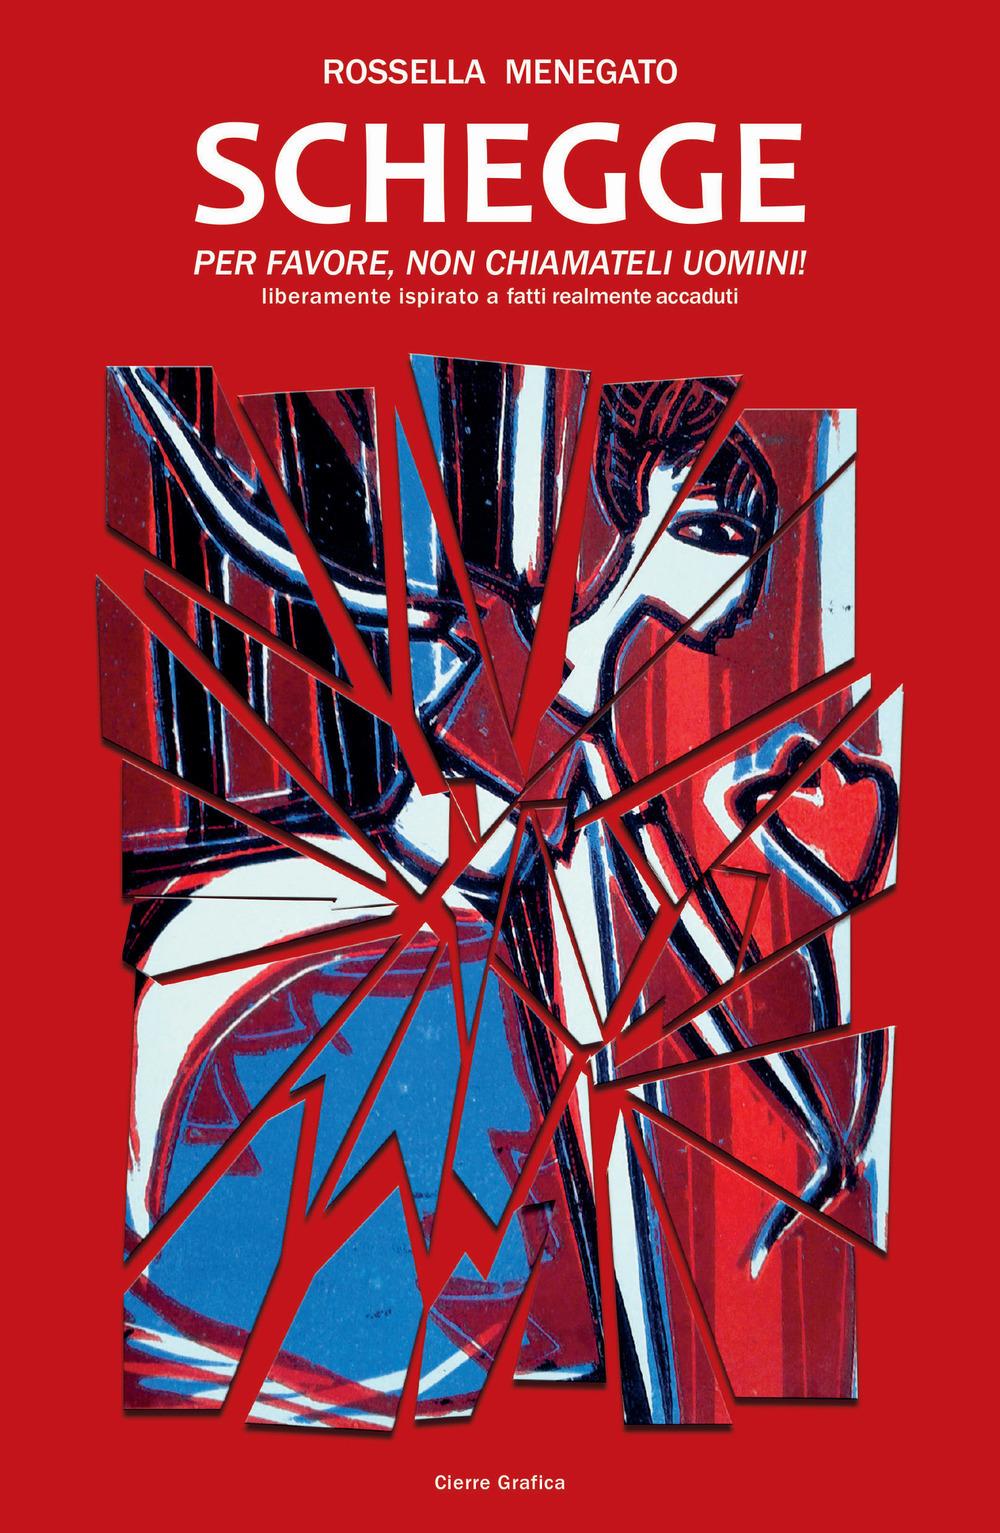 Domani, a Benevento, presentazione del libro 'Schegge, per favore non chiamateli uomini' di Rossella Menegato